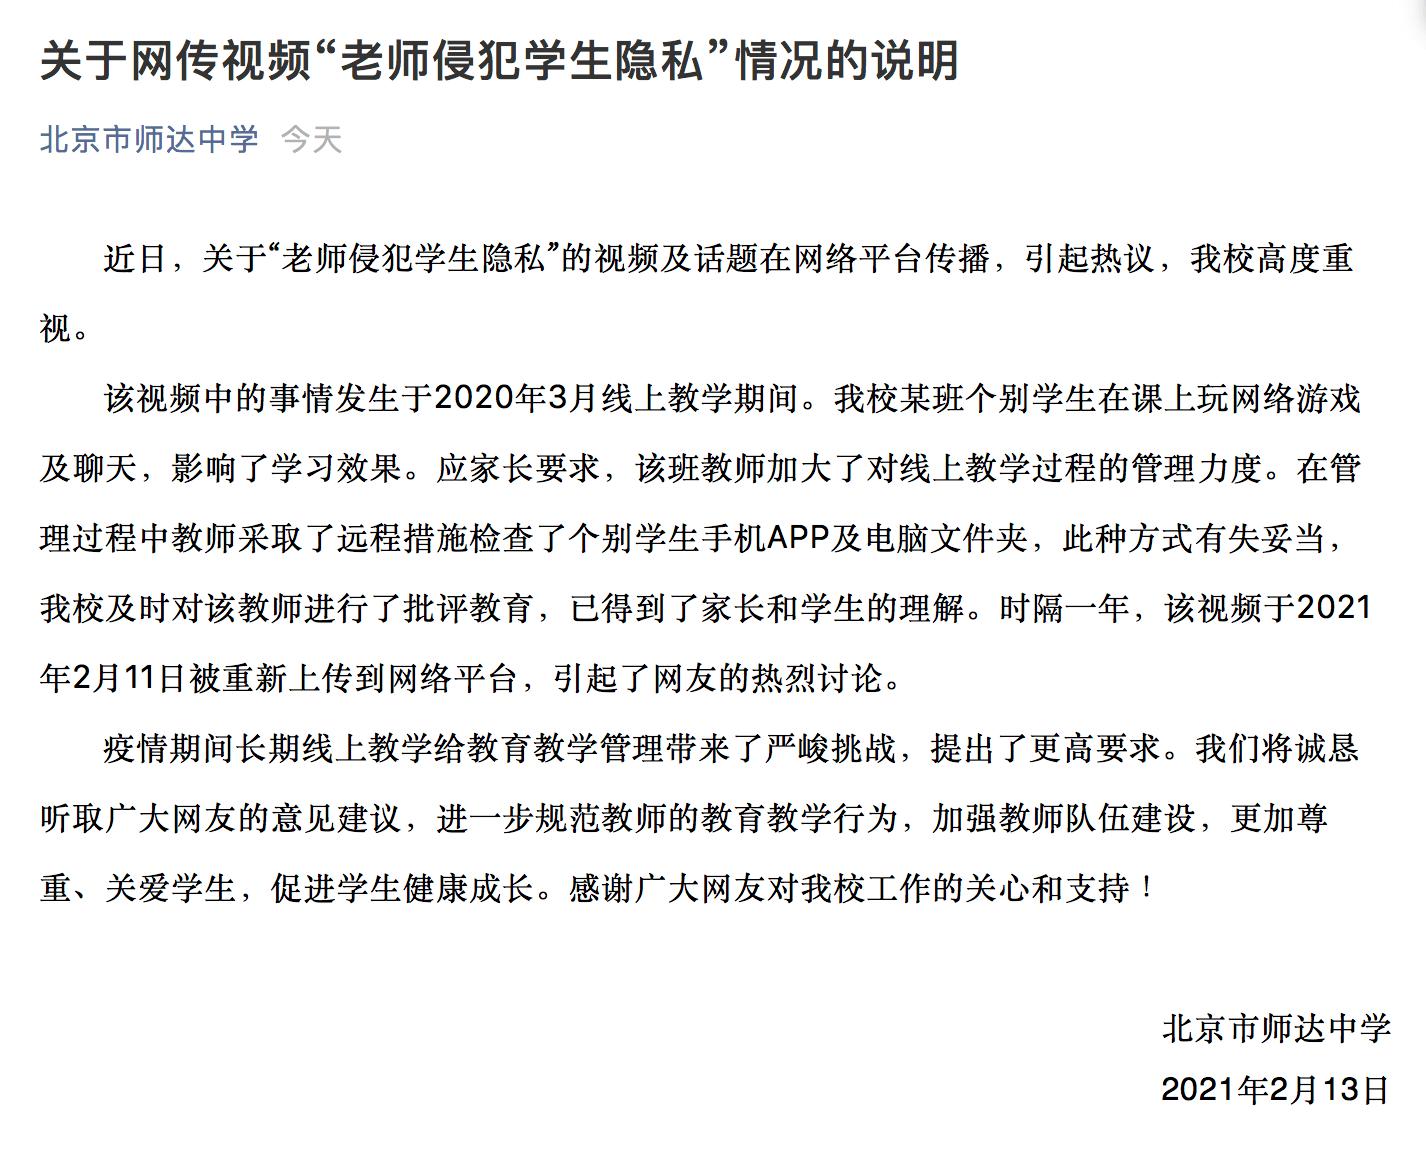 """网传""""海淀区教师侵犯学生隐私"""" 校方:将规范教师教学行为"""